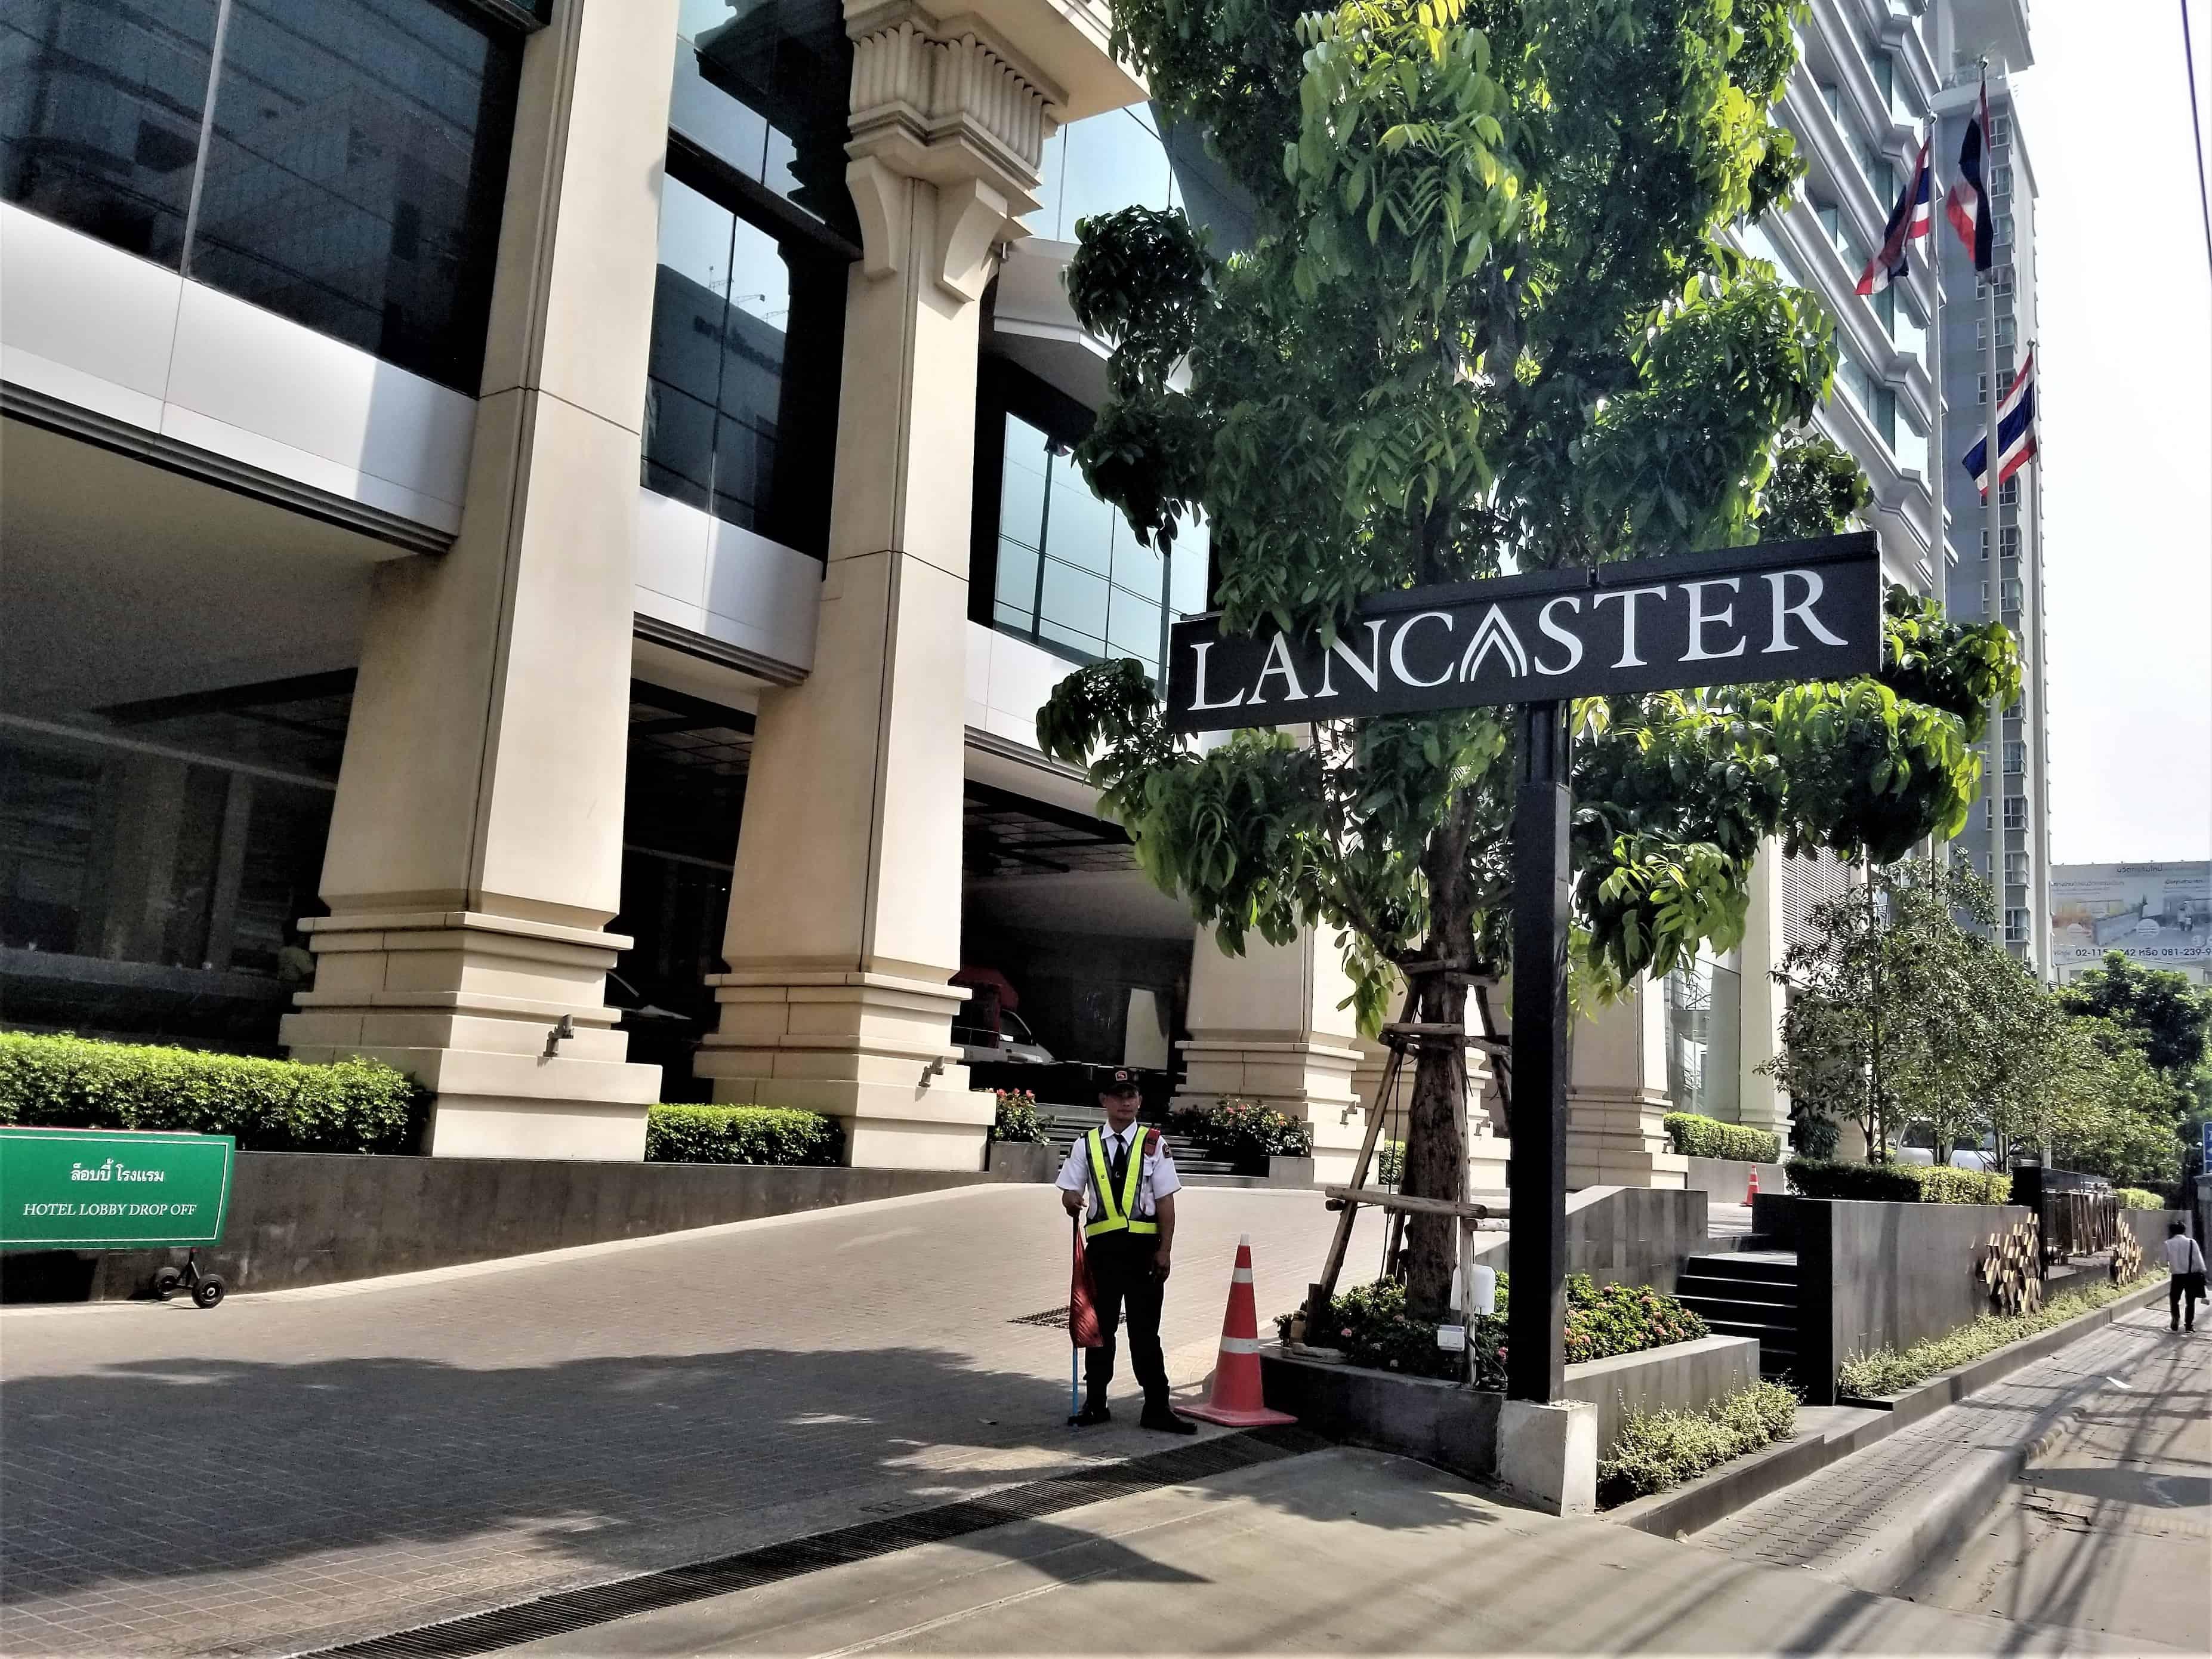 image-of-lancaster-bangkok-hotel-entrance